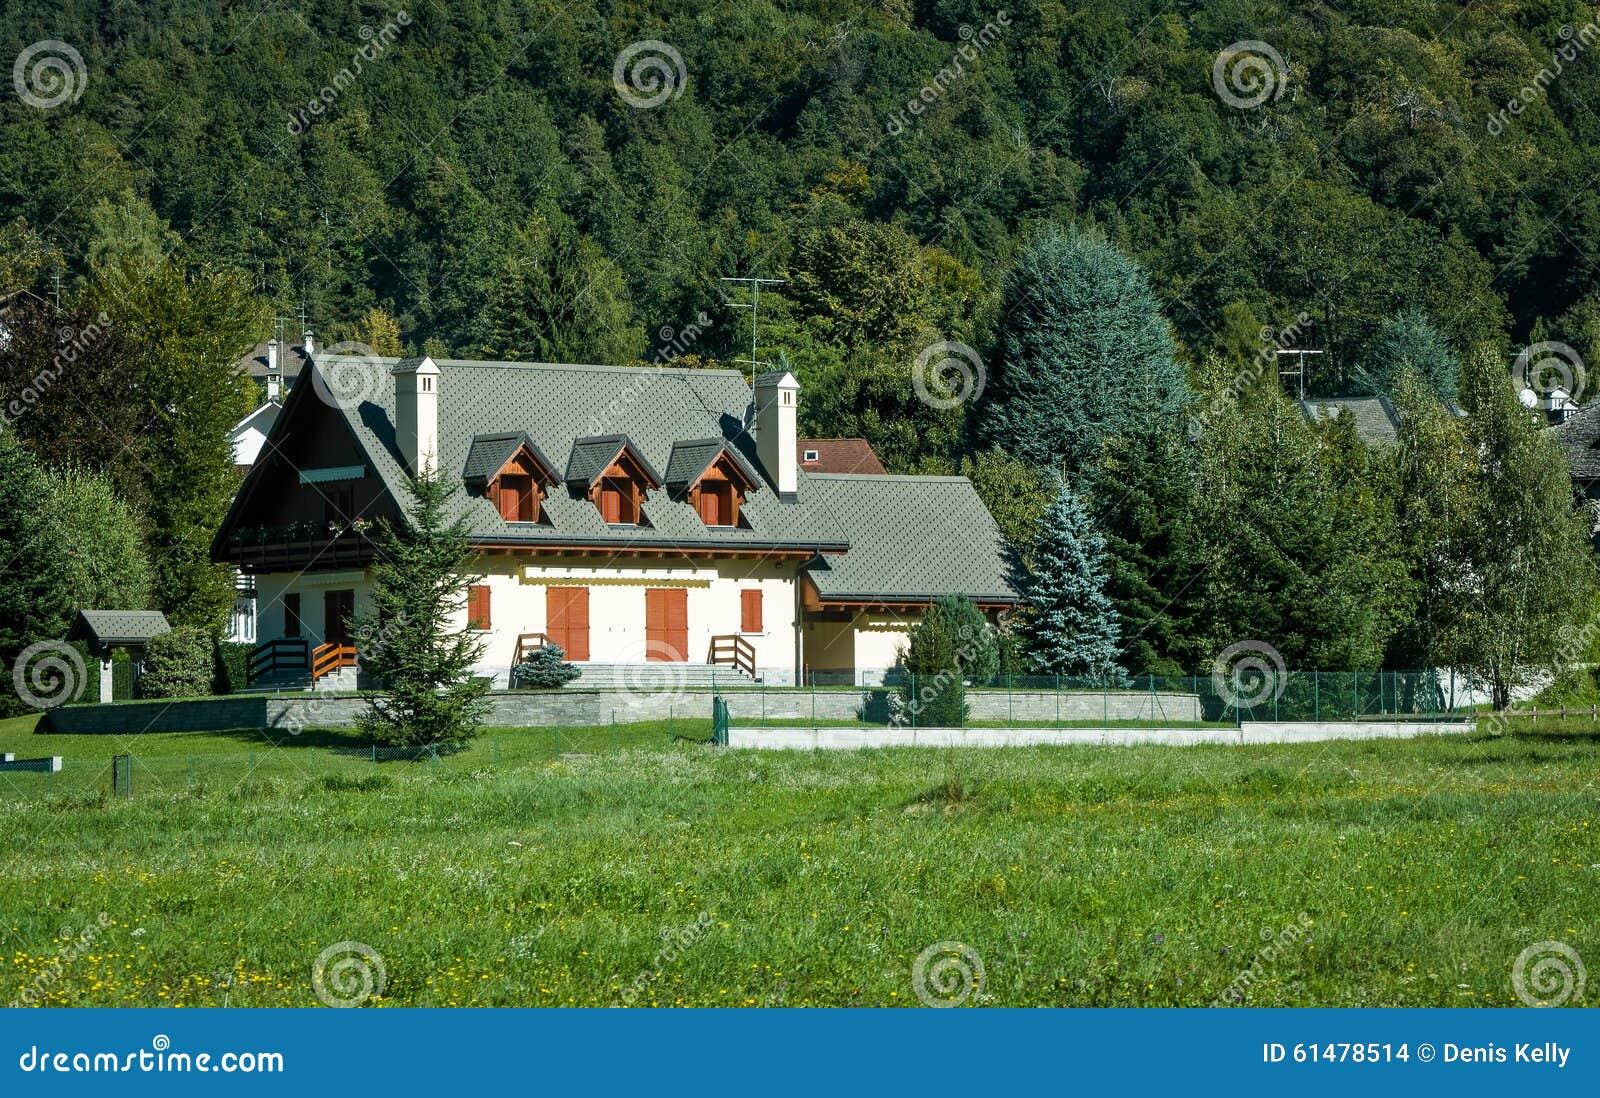 Загородный дом в швейцарии продажа недвижимости во франции